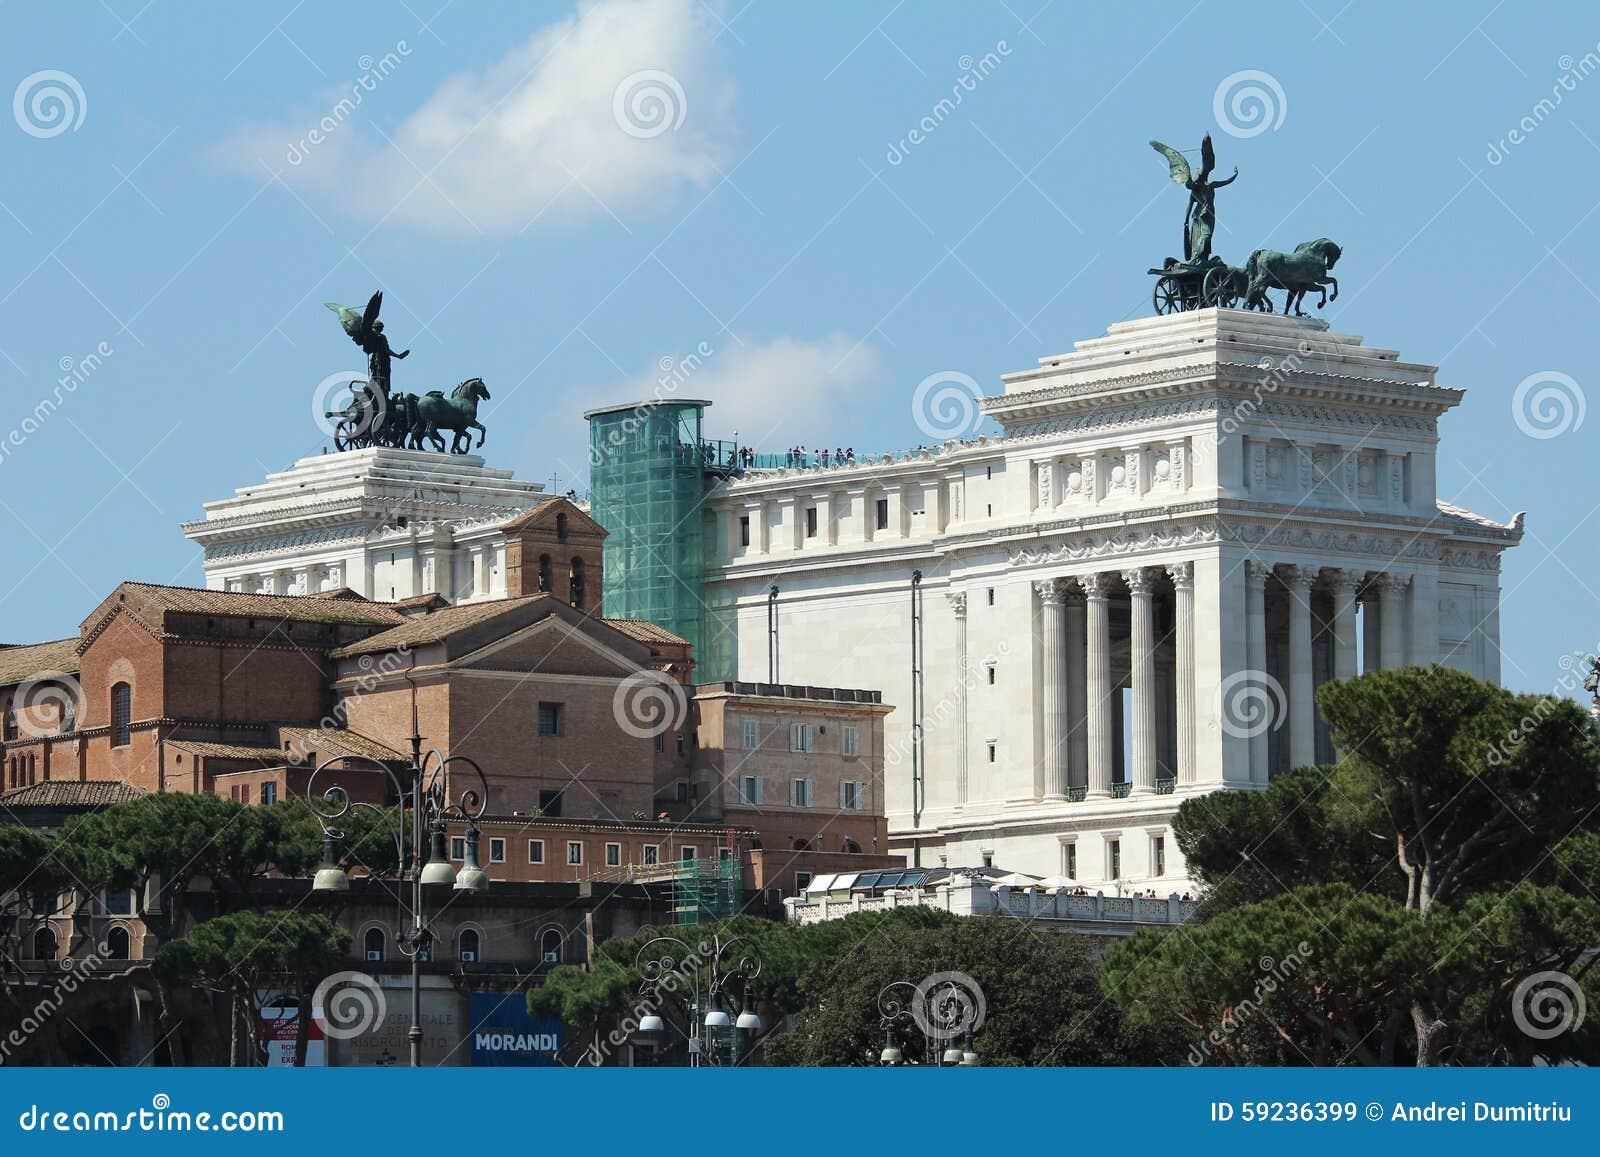 Download Vista Del Monumento De Guerra De Roma Imagen de archivo editorial - Imagen de estatuas, destinación: 59236399